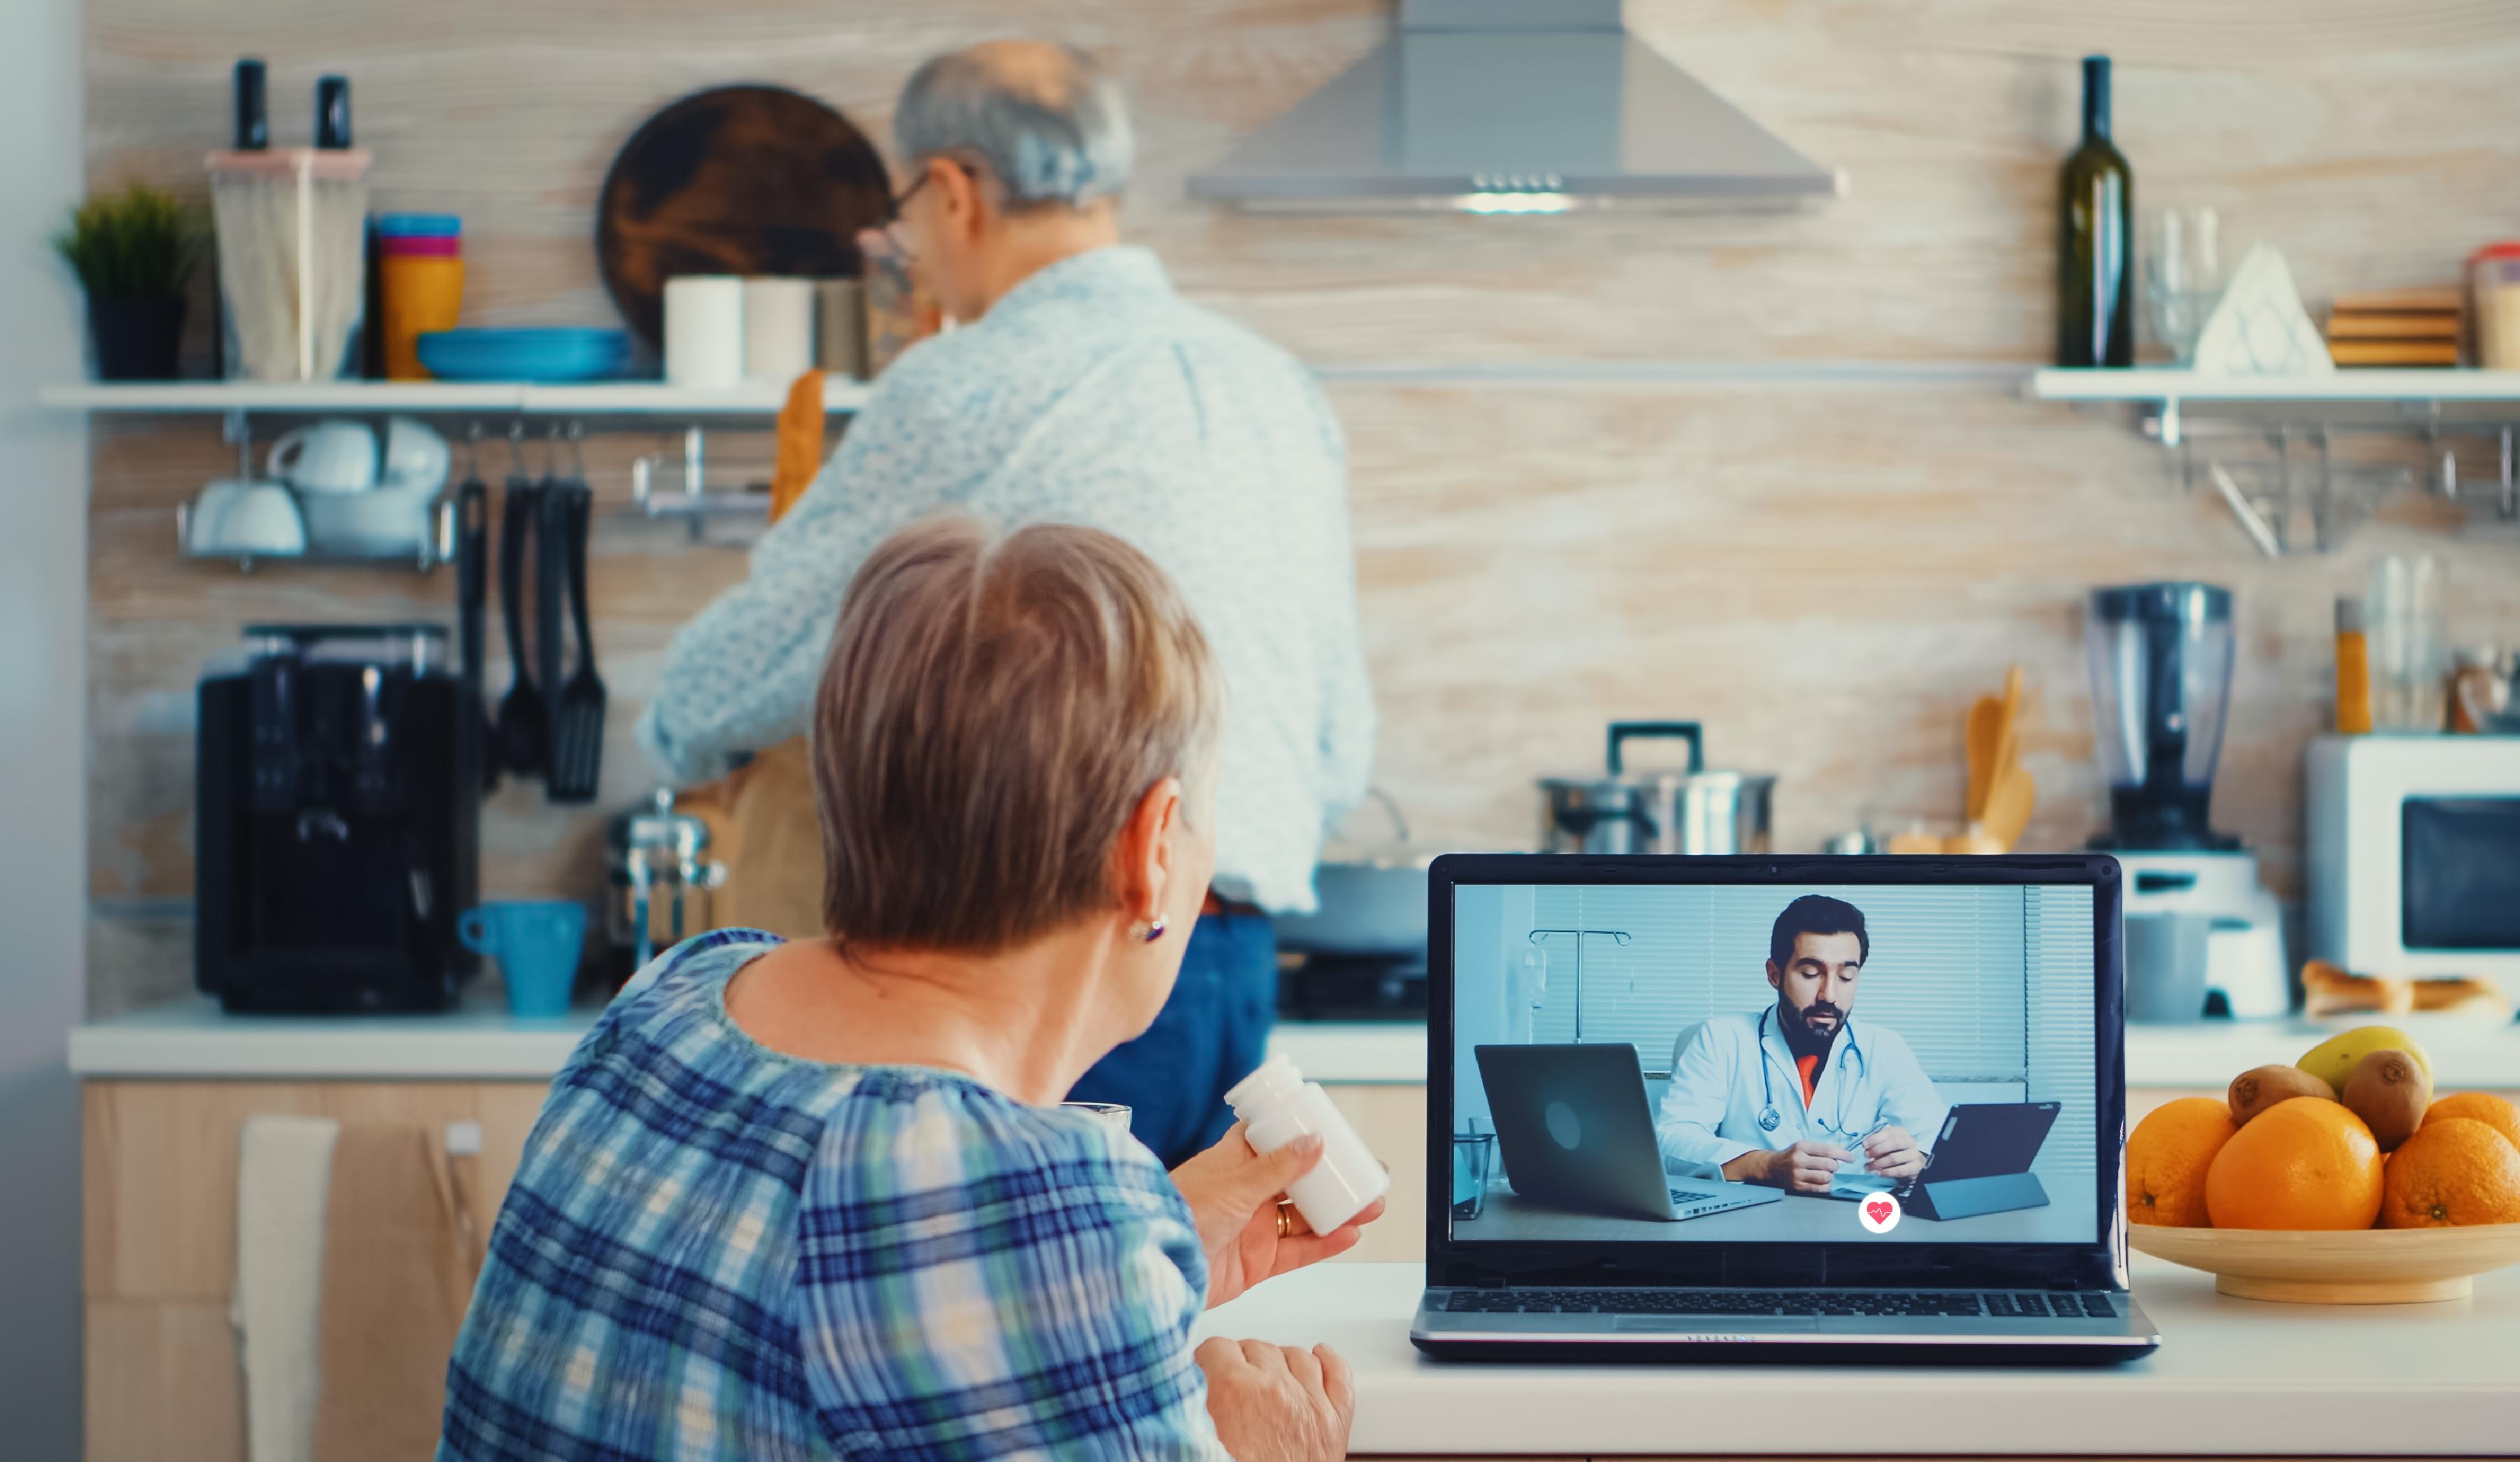 Limitaciones de realizar una consulta médica a distancia por videollamadas